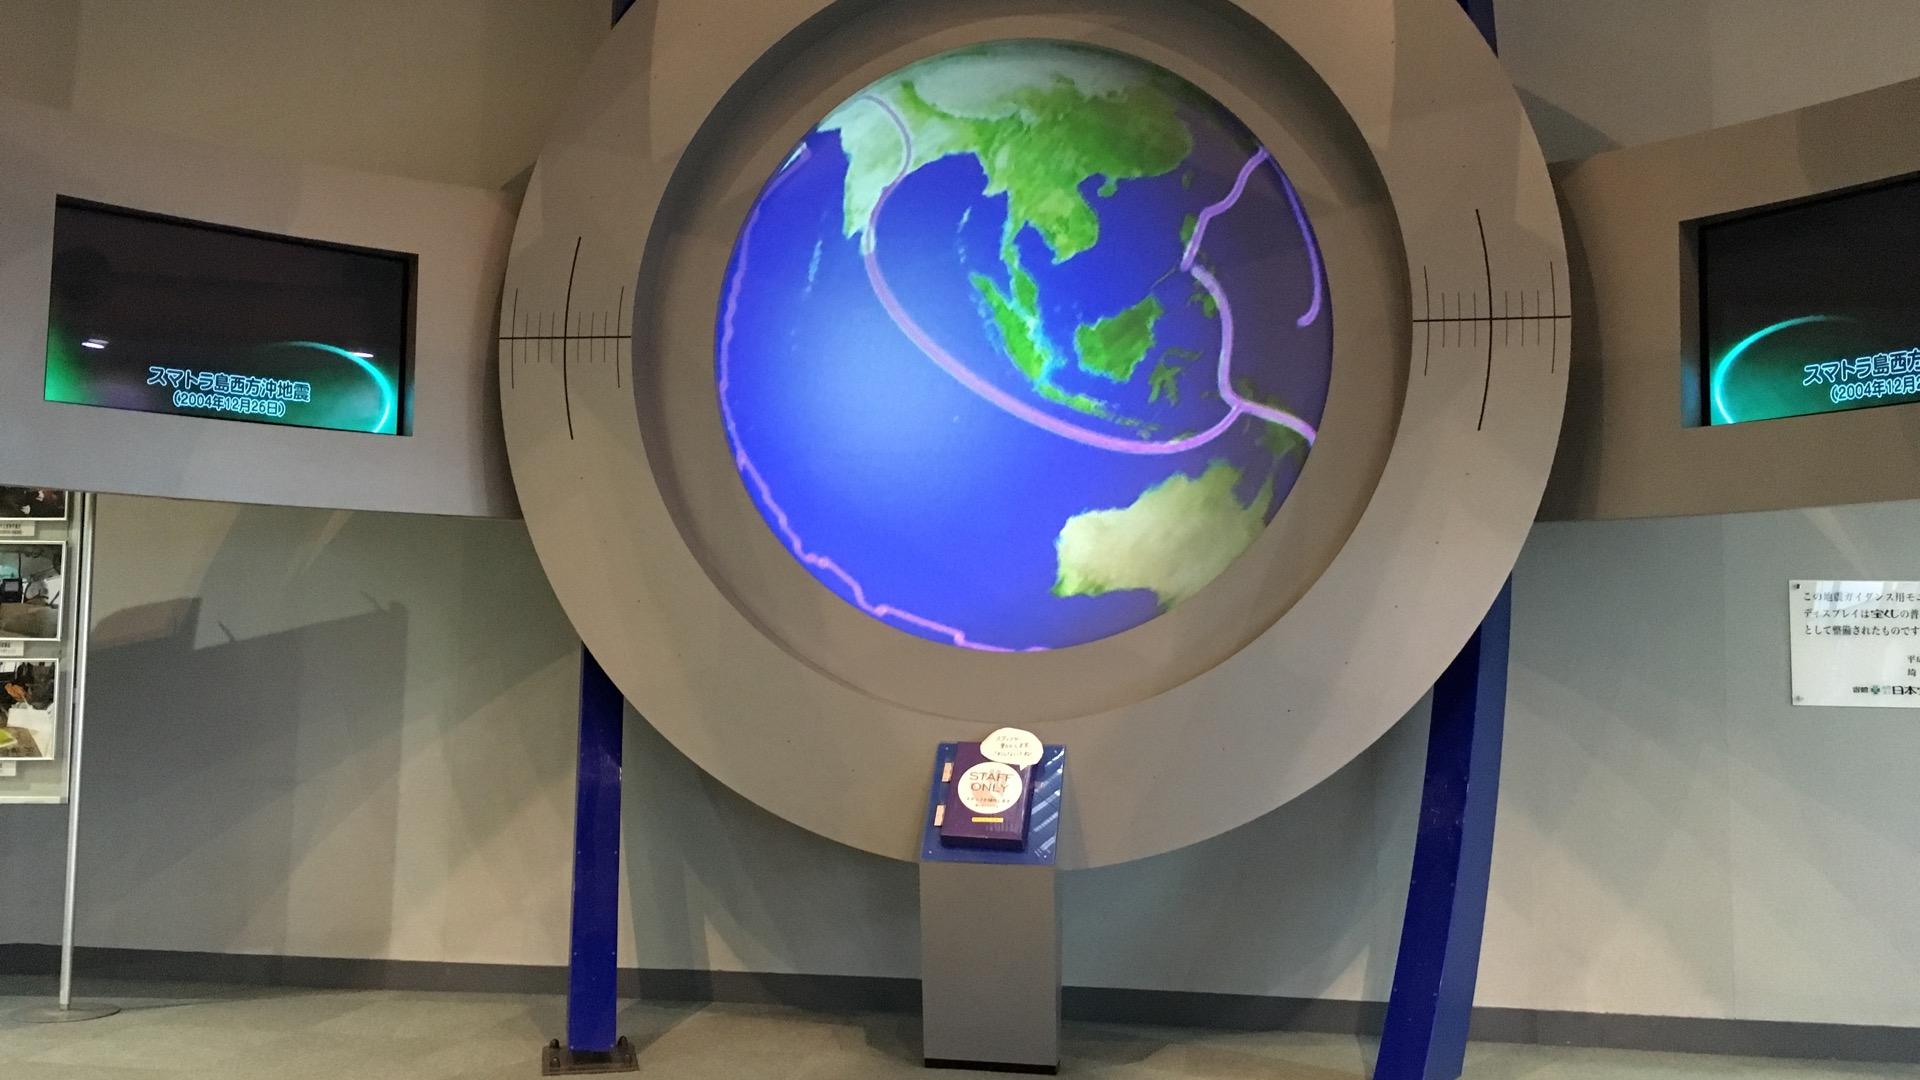 【鴻巣市】震度7の地震体験ができる、埼玉県防災学習センターにいってきた